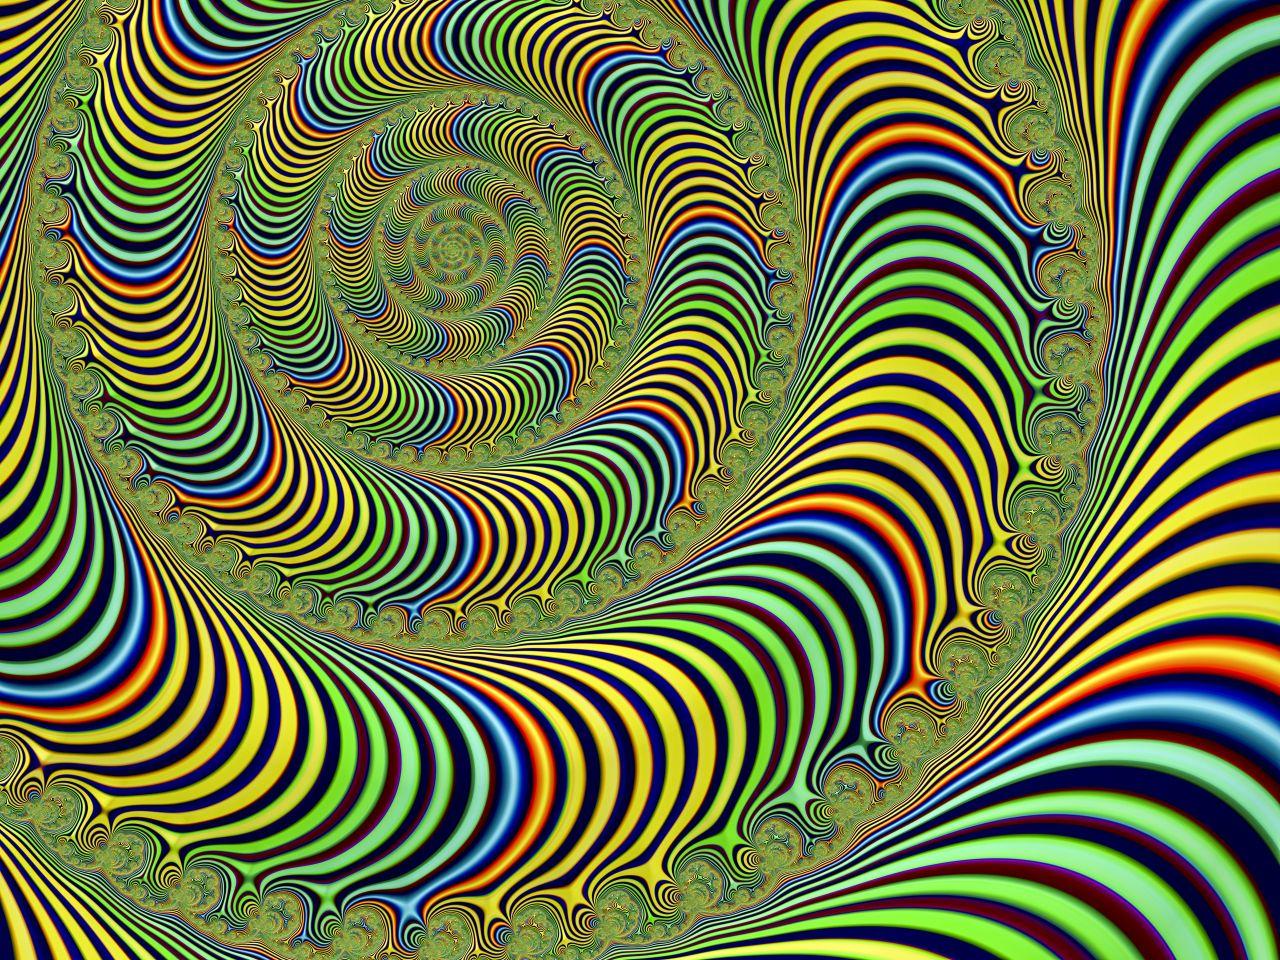 Das Spiralbild zeigt psychedelische Kunst.